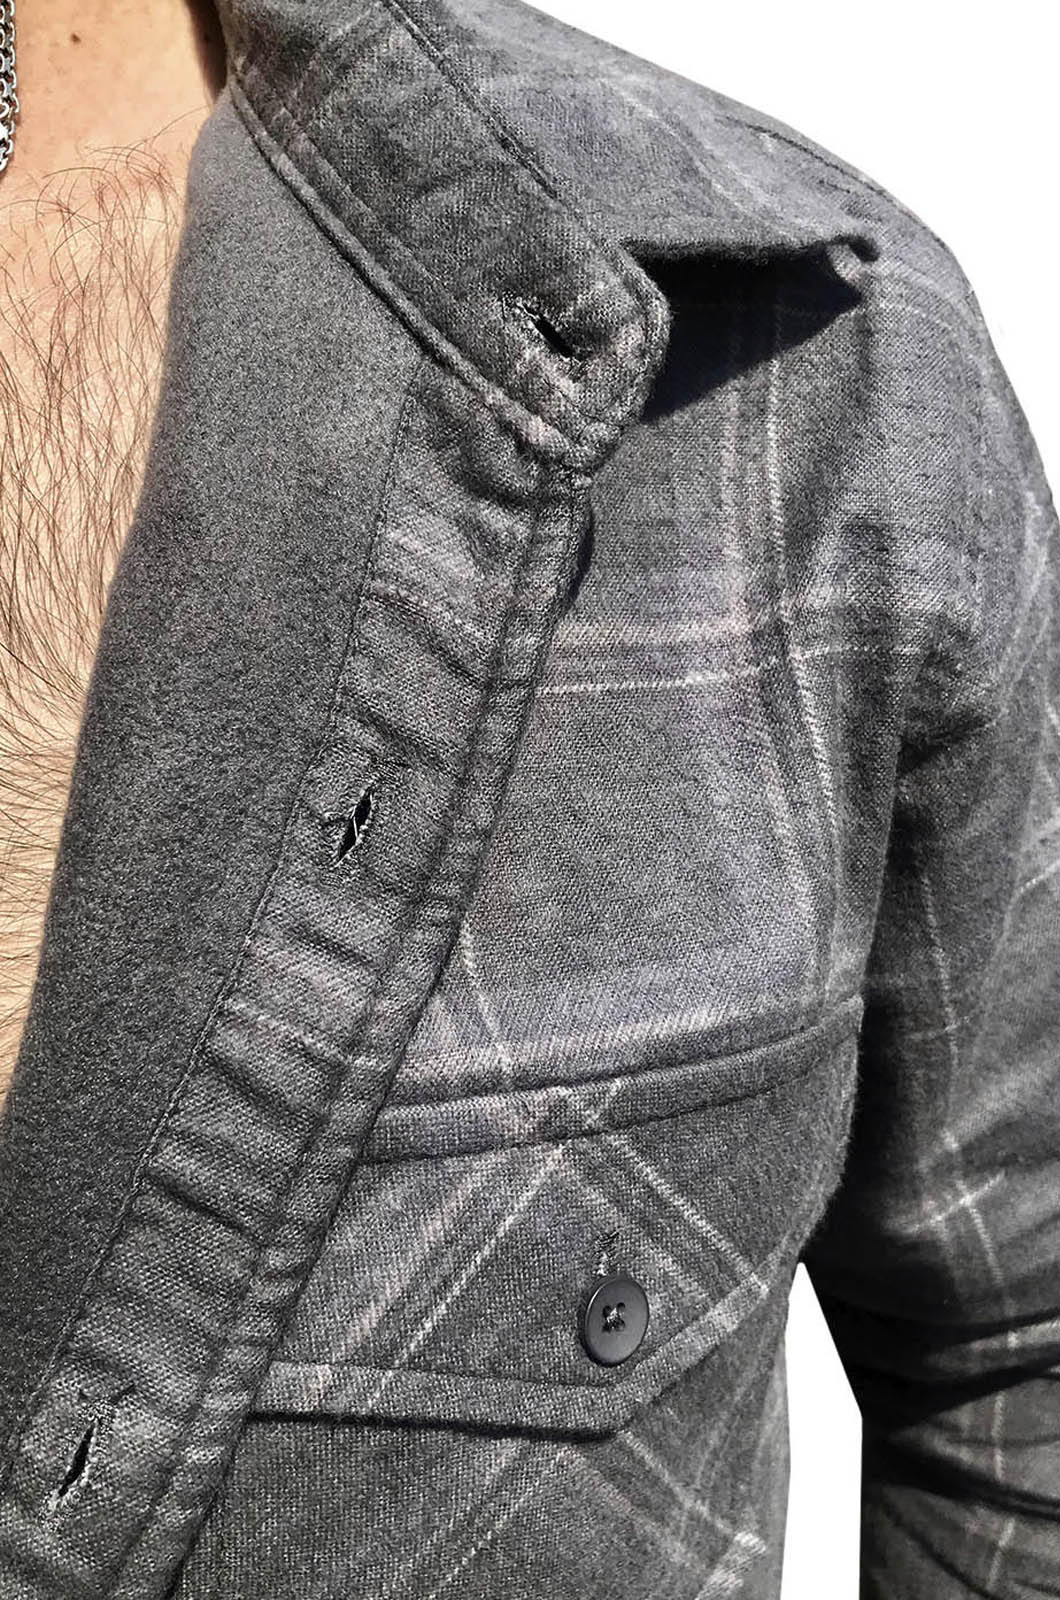 Строгая серая рубашка с вышитым шевроном ФСО - купить в розницу